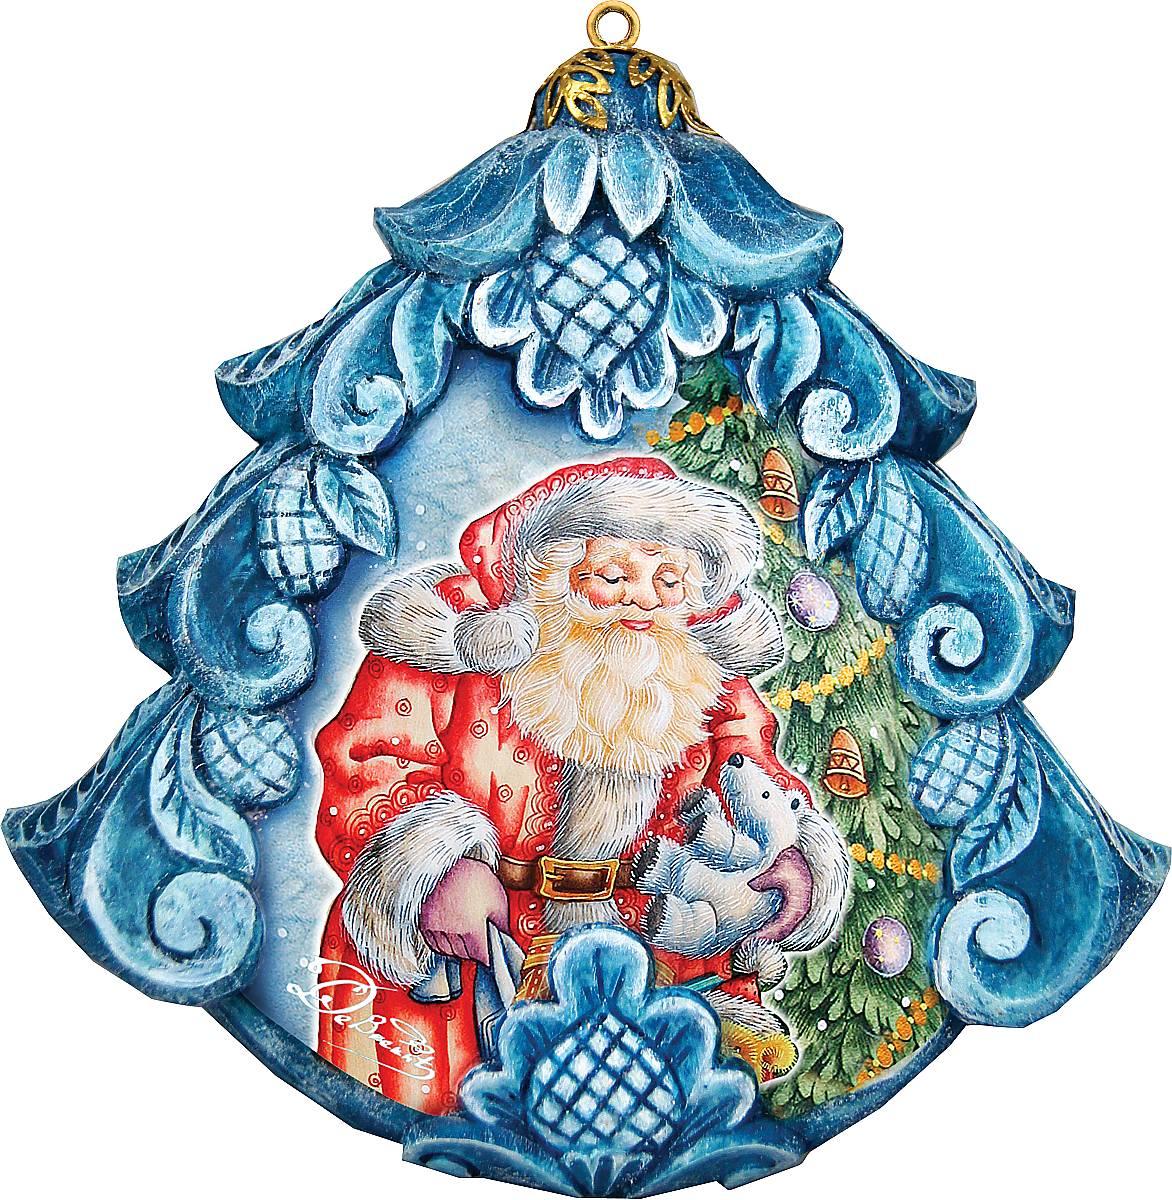 Украшение новогоднее подвесное Mister Christmas, коллекционное, высота 10 см. US 610271GL211011-2.5Н_белый с земляничкамиКоллекционное украшение Mister Christmas прекрасно подойдет для праздничного декора вашего дома. Изделие выполнено из полистоуна и оснащено креплением для подвешивания на елку. Новогодние украшения несут в себе волшебство и красоту праздника. Они помогут вам украсить дом к предстоящим праздникам и оживить интерьер. Создайте в доме атмосферу тепла, веселья и радости, украшая его всей семьей.Кроме того, такая игрушка станет приятным подарком, который надолго сохранит память этого волшебного времени года.Высота украшения: 10 см.